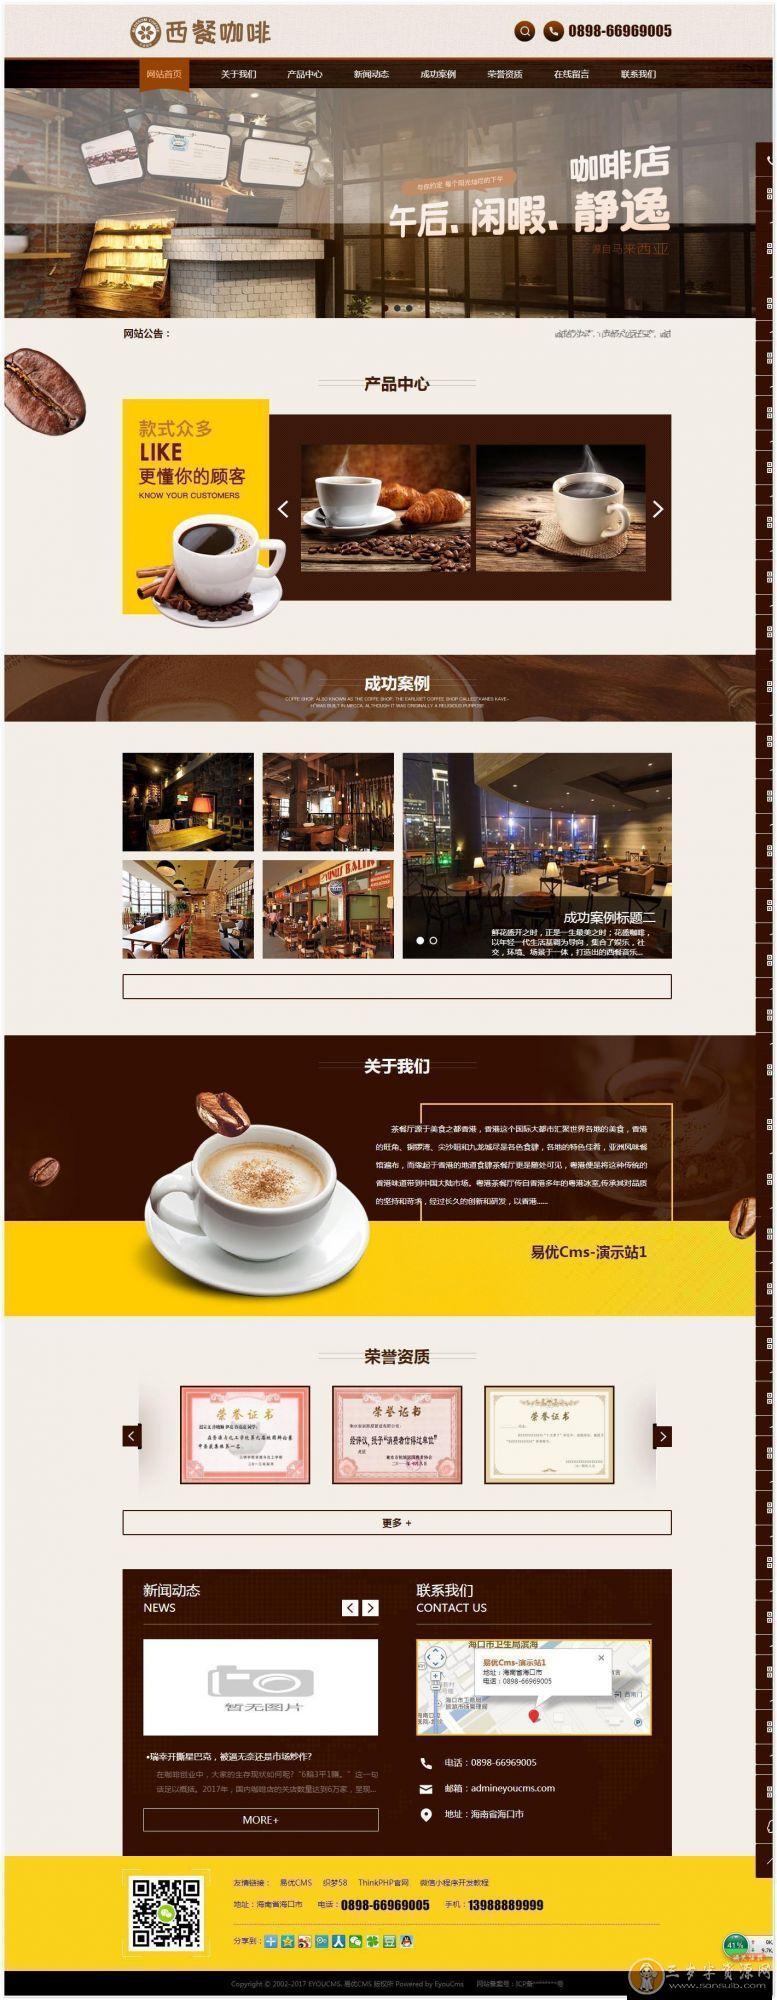 成都咖啡网站管理系统 v2.2 bulid218